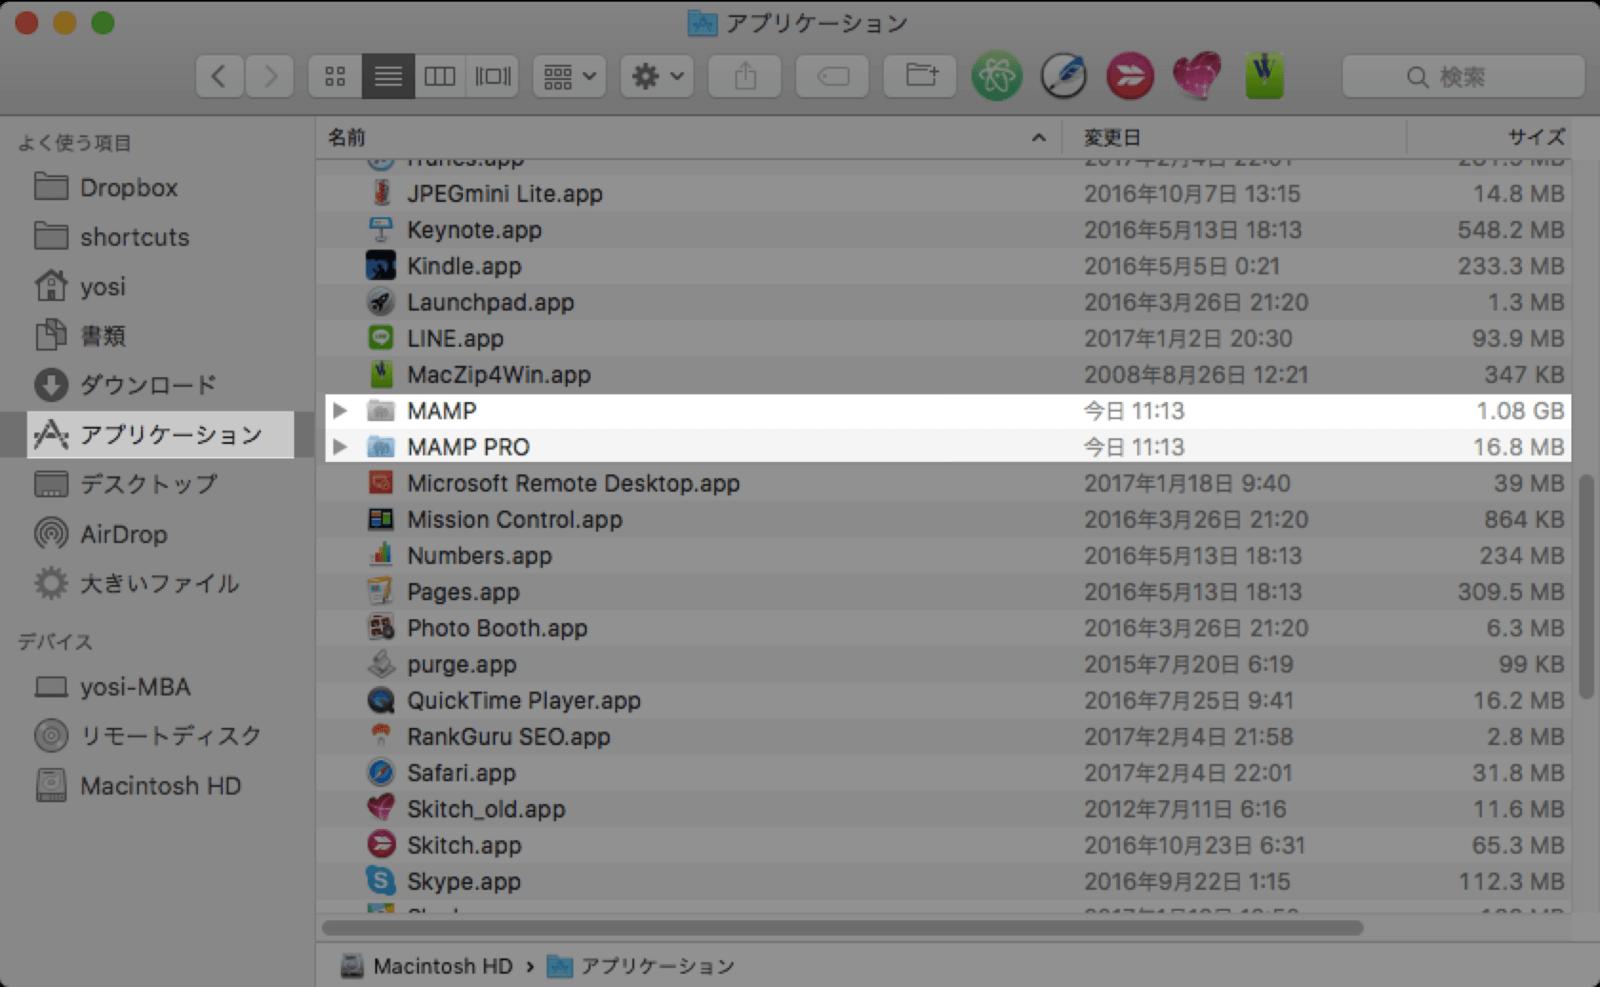 アプリケーションフォルダにMAMPのフォルダが出来上がります